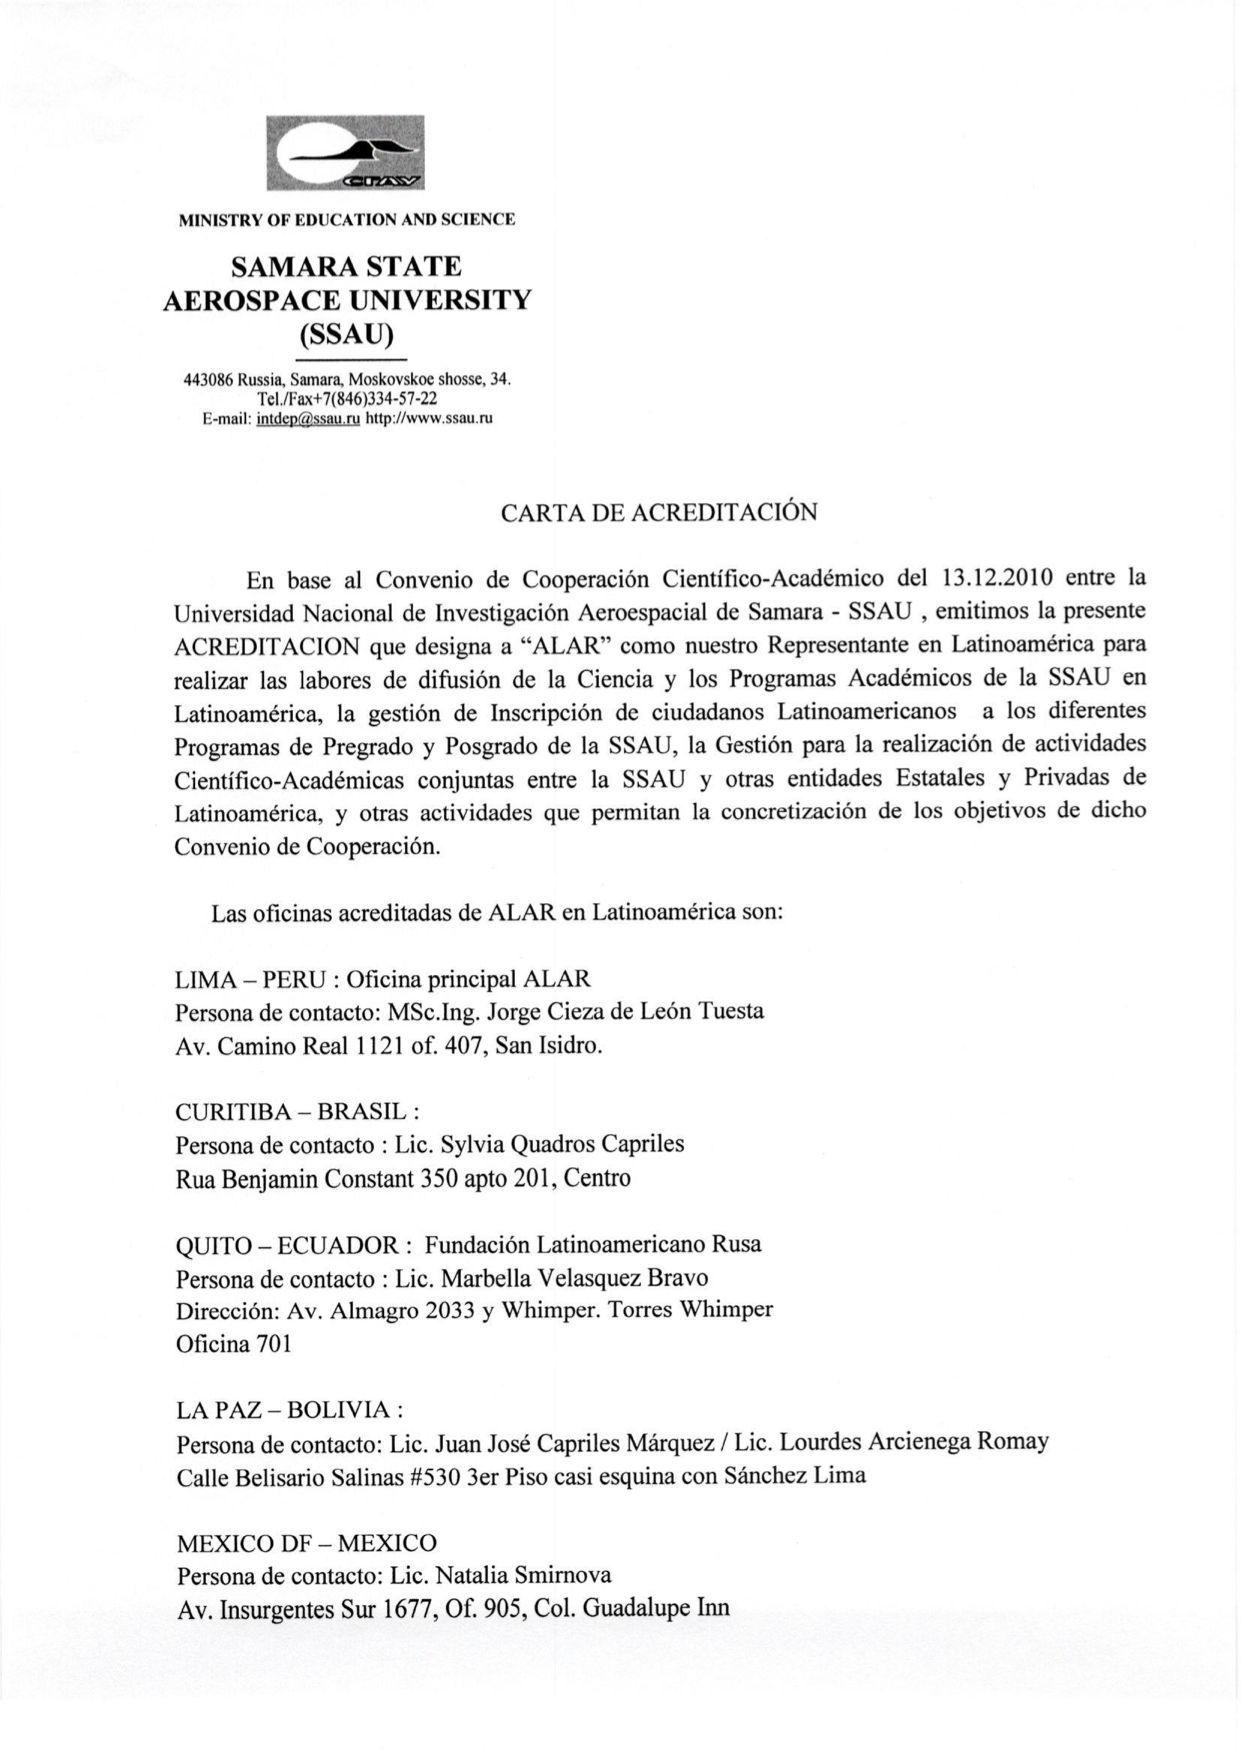 Autorização da Universidade Aeroespacial de Samara